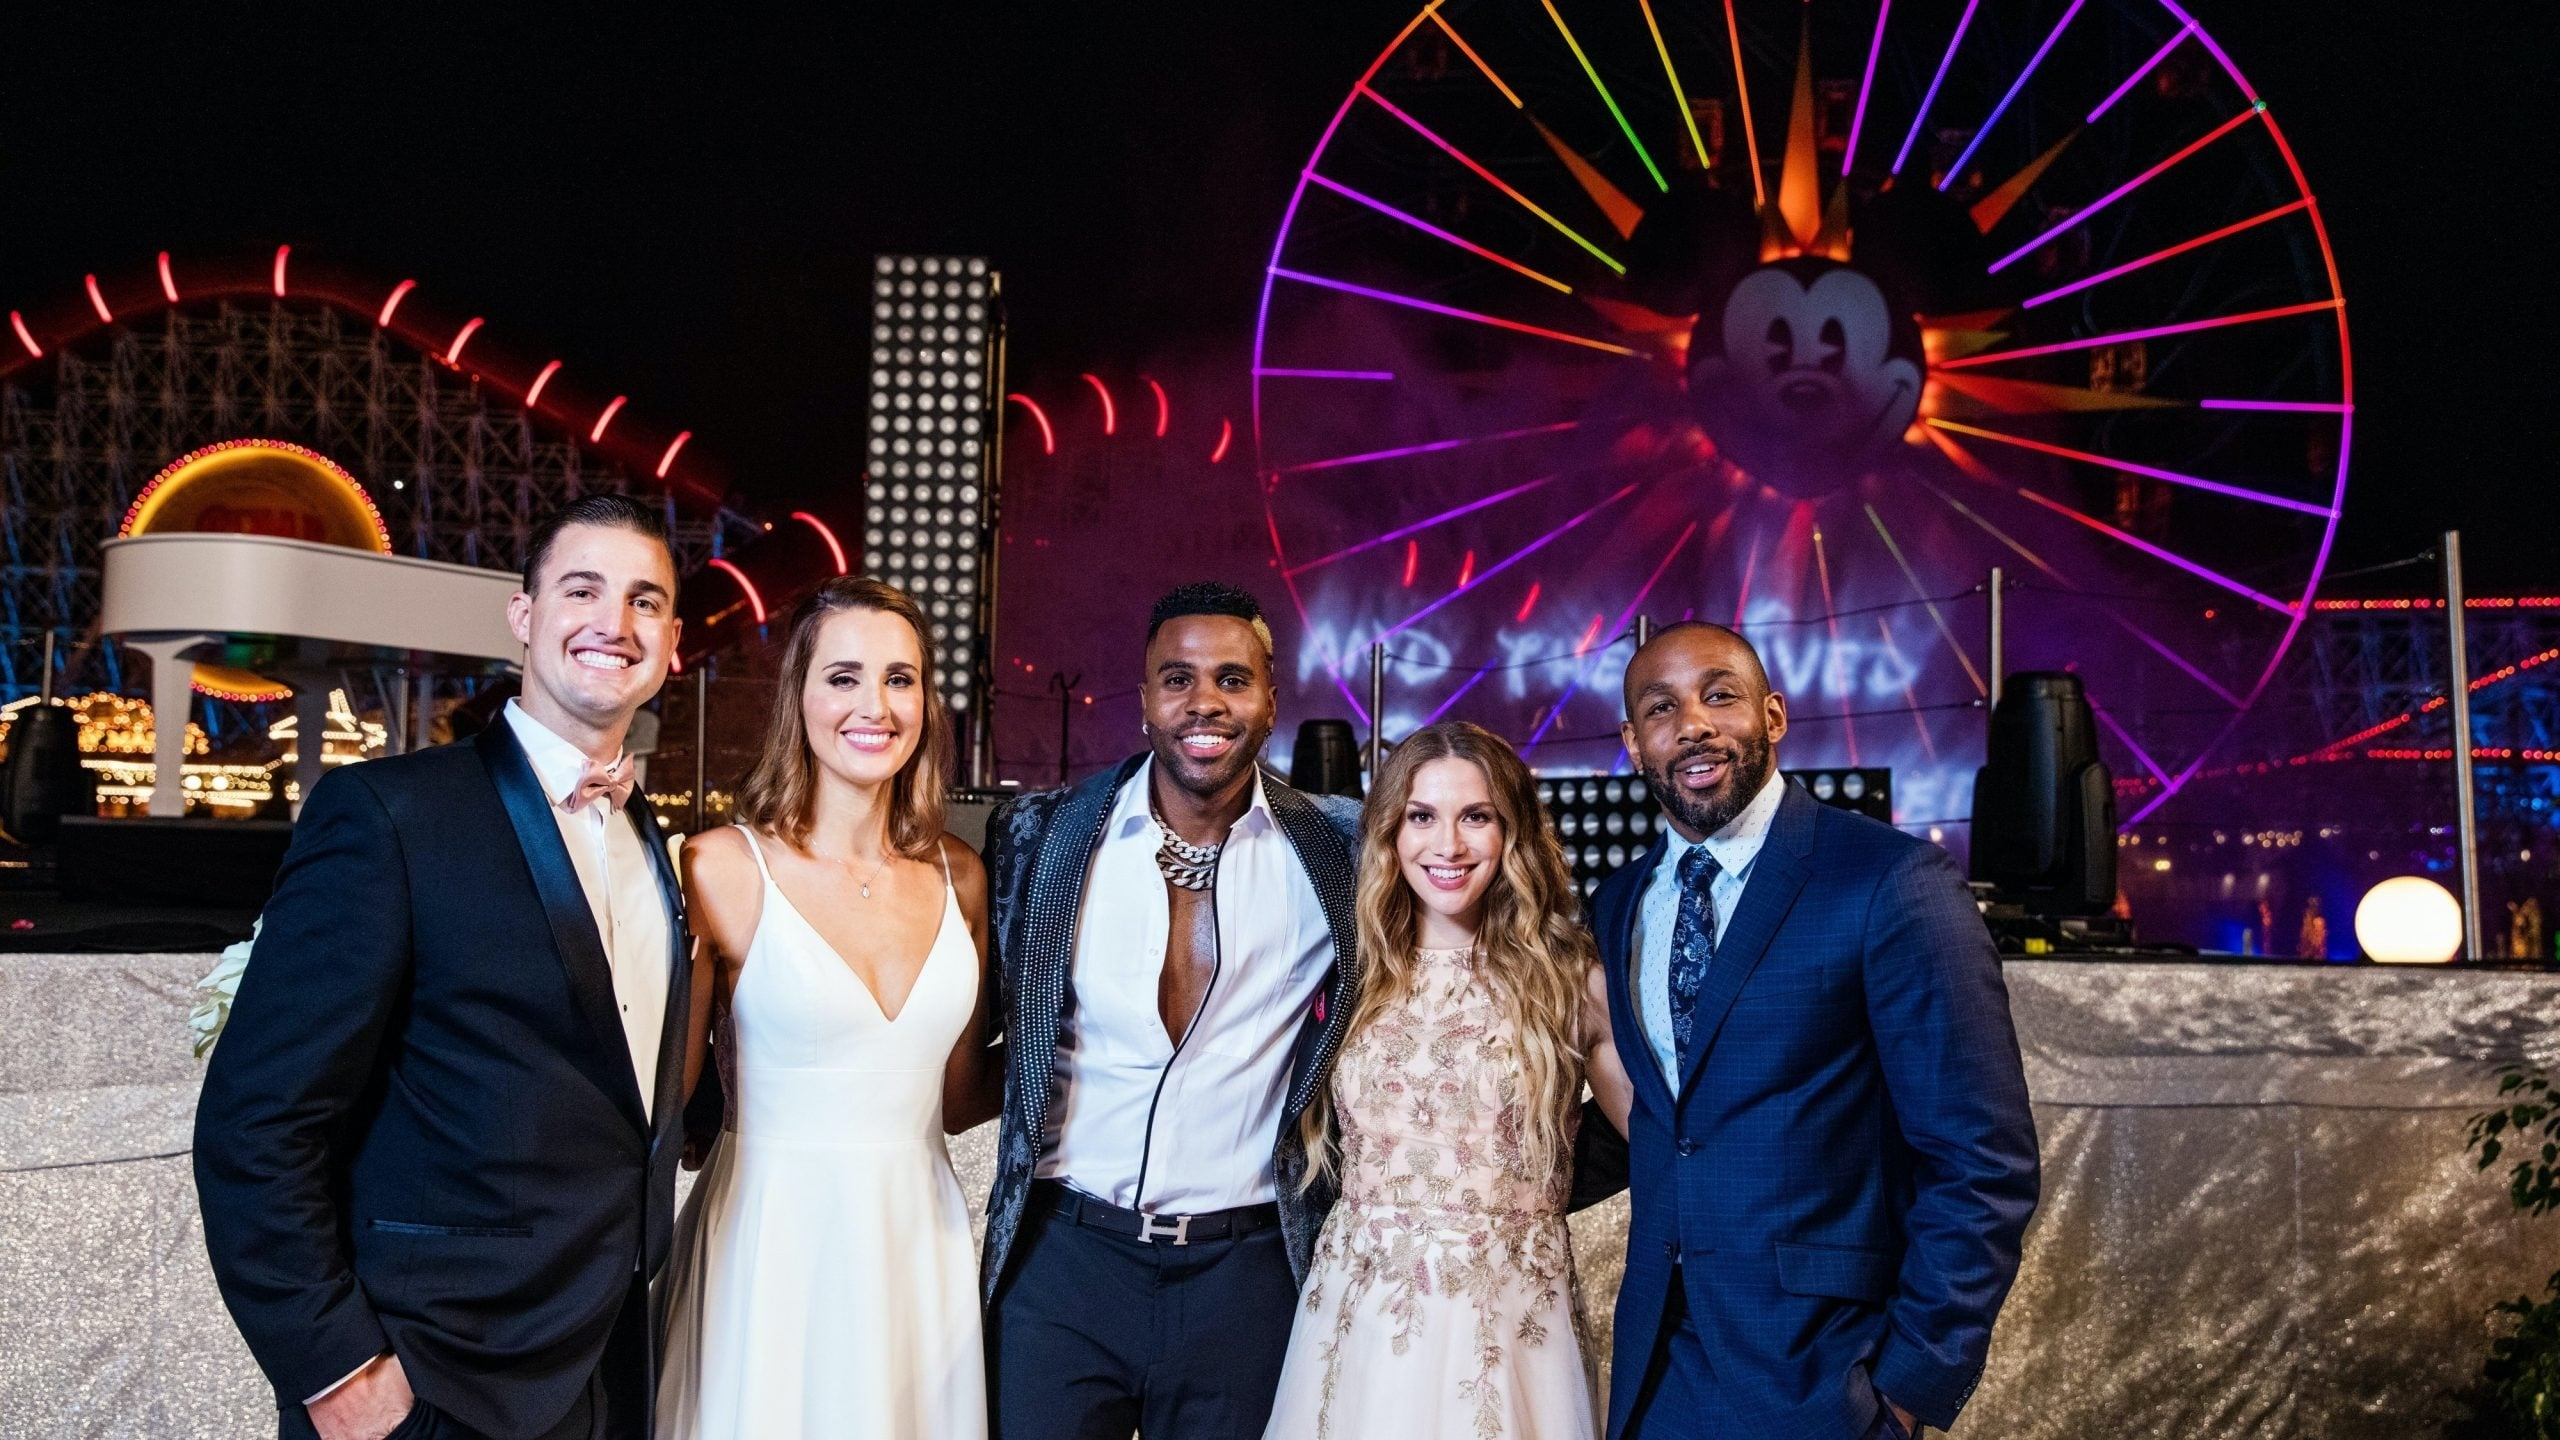 Disney's Fairy Tale Weddings - Season 2 Episode 8 : Marry ME!